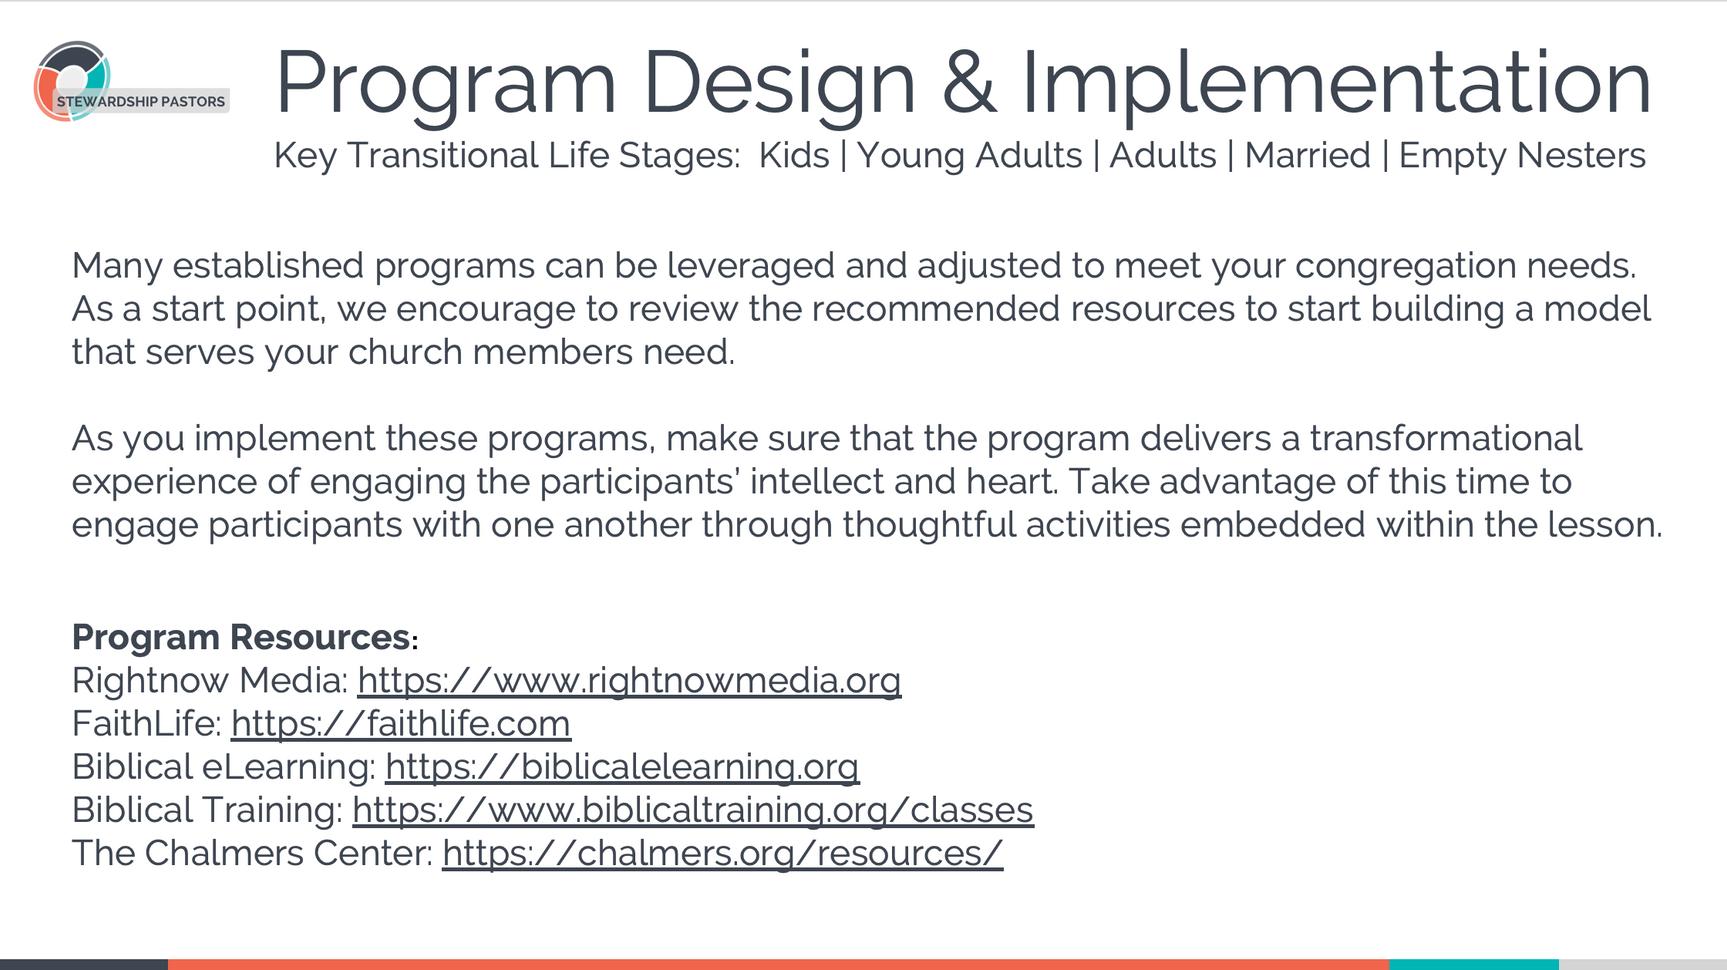 Program Design & Implementation